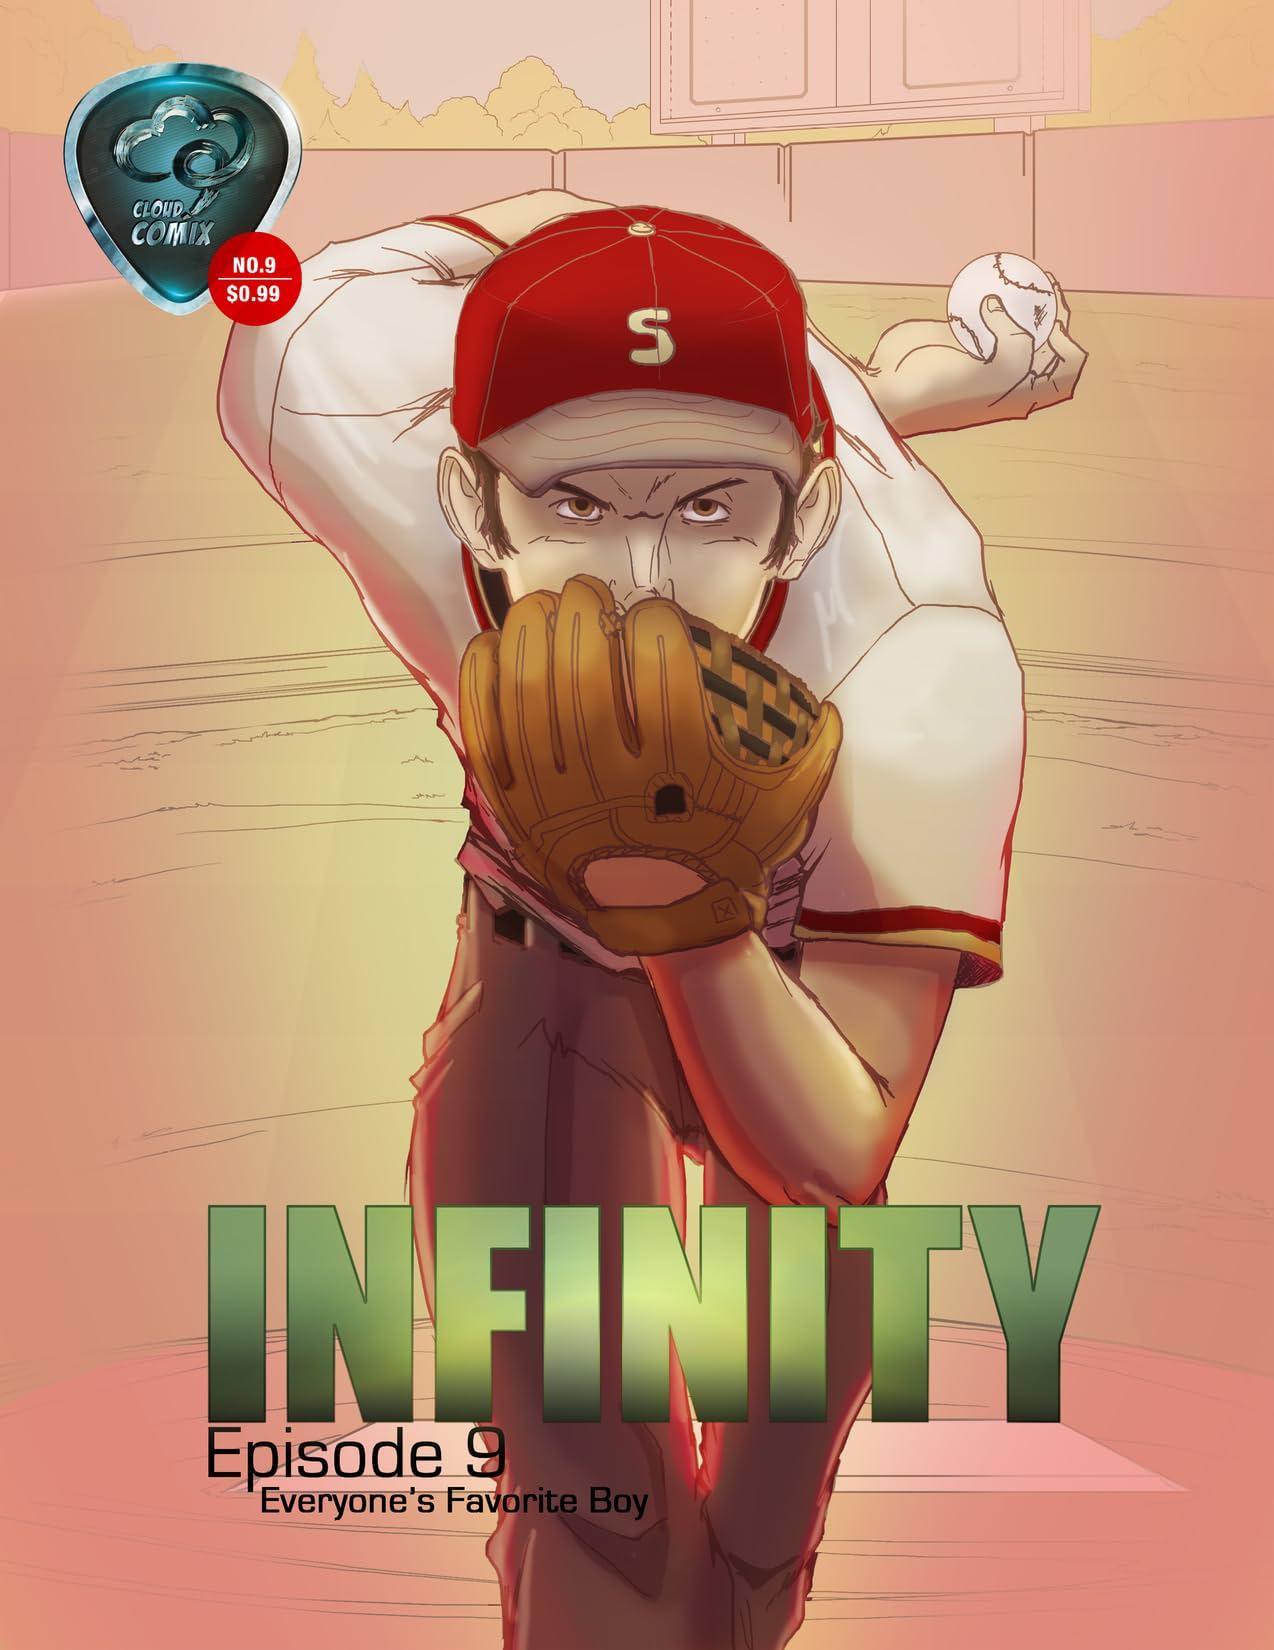 Infinity #9